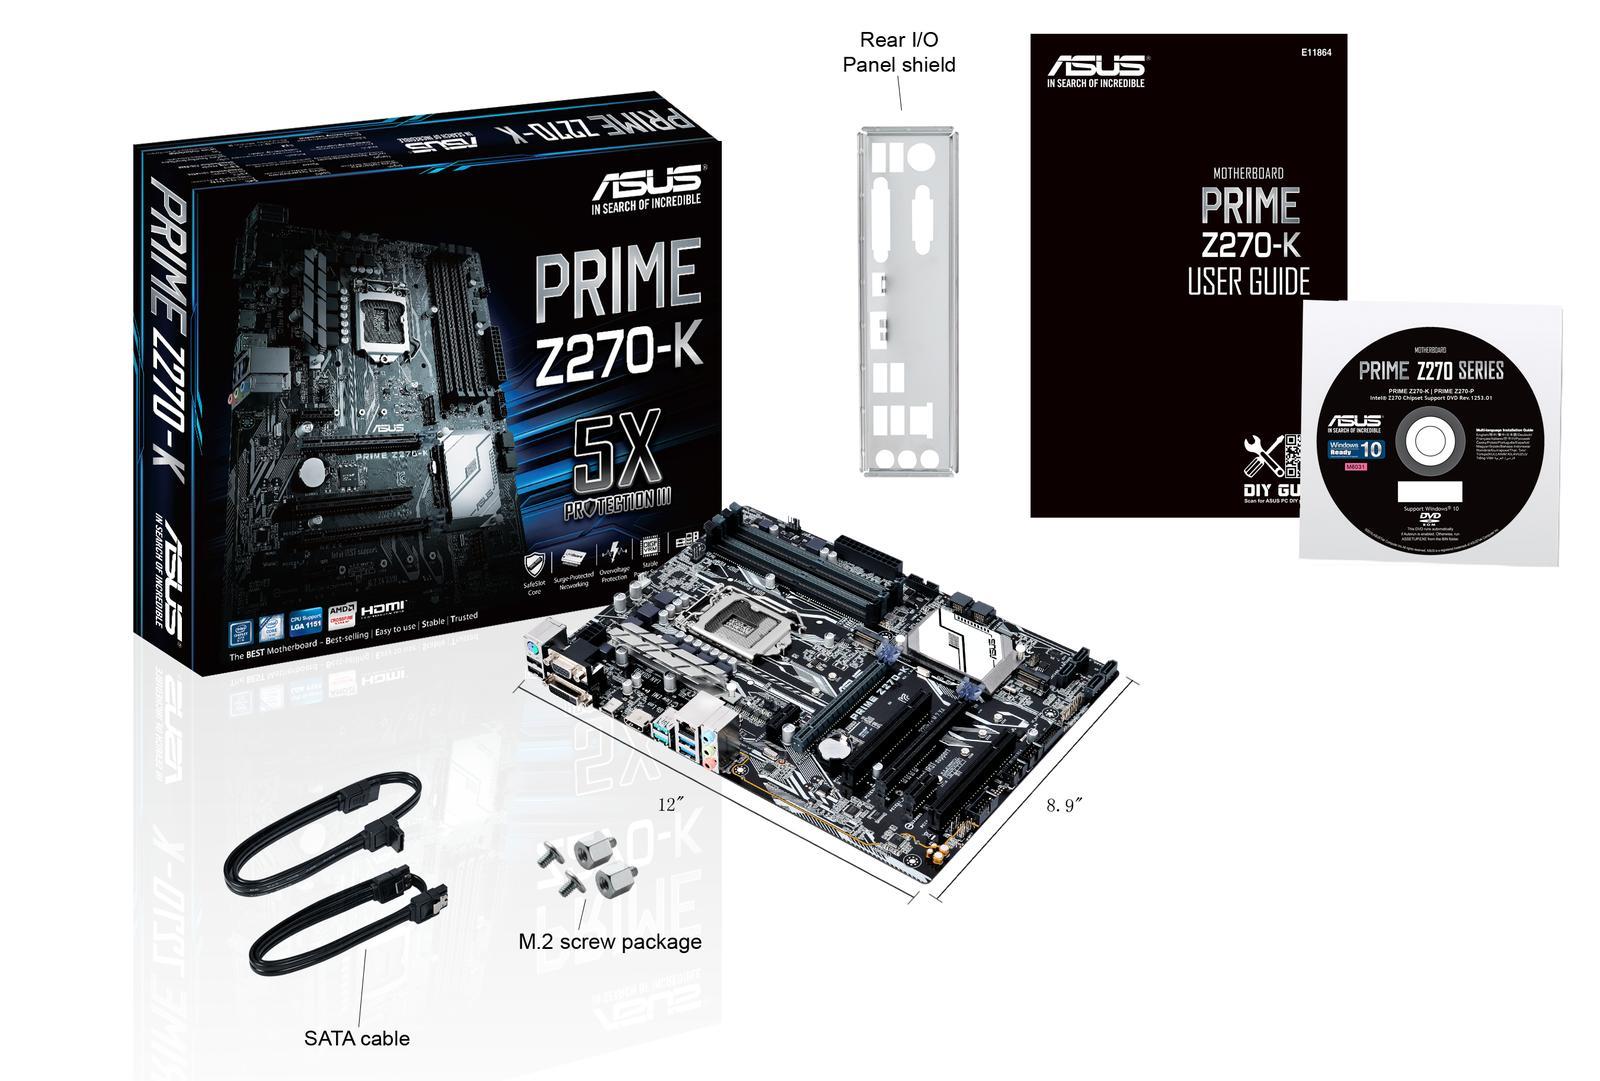 Asus PRIME Z270-K ATX LGA 1151